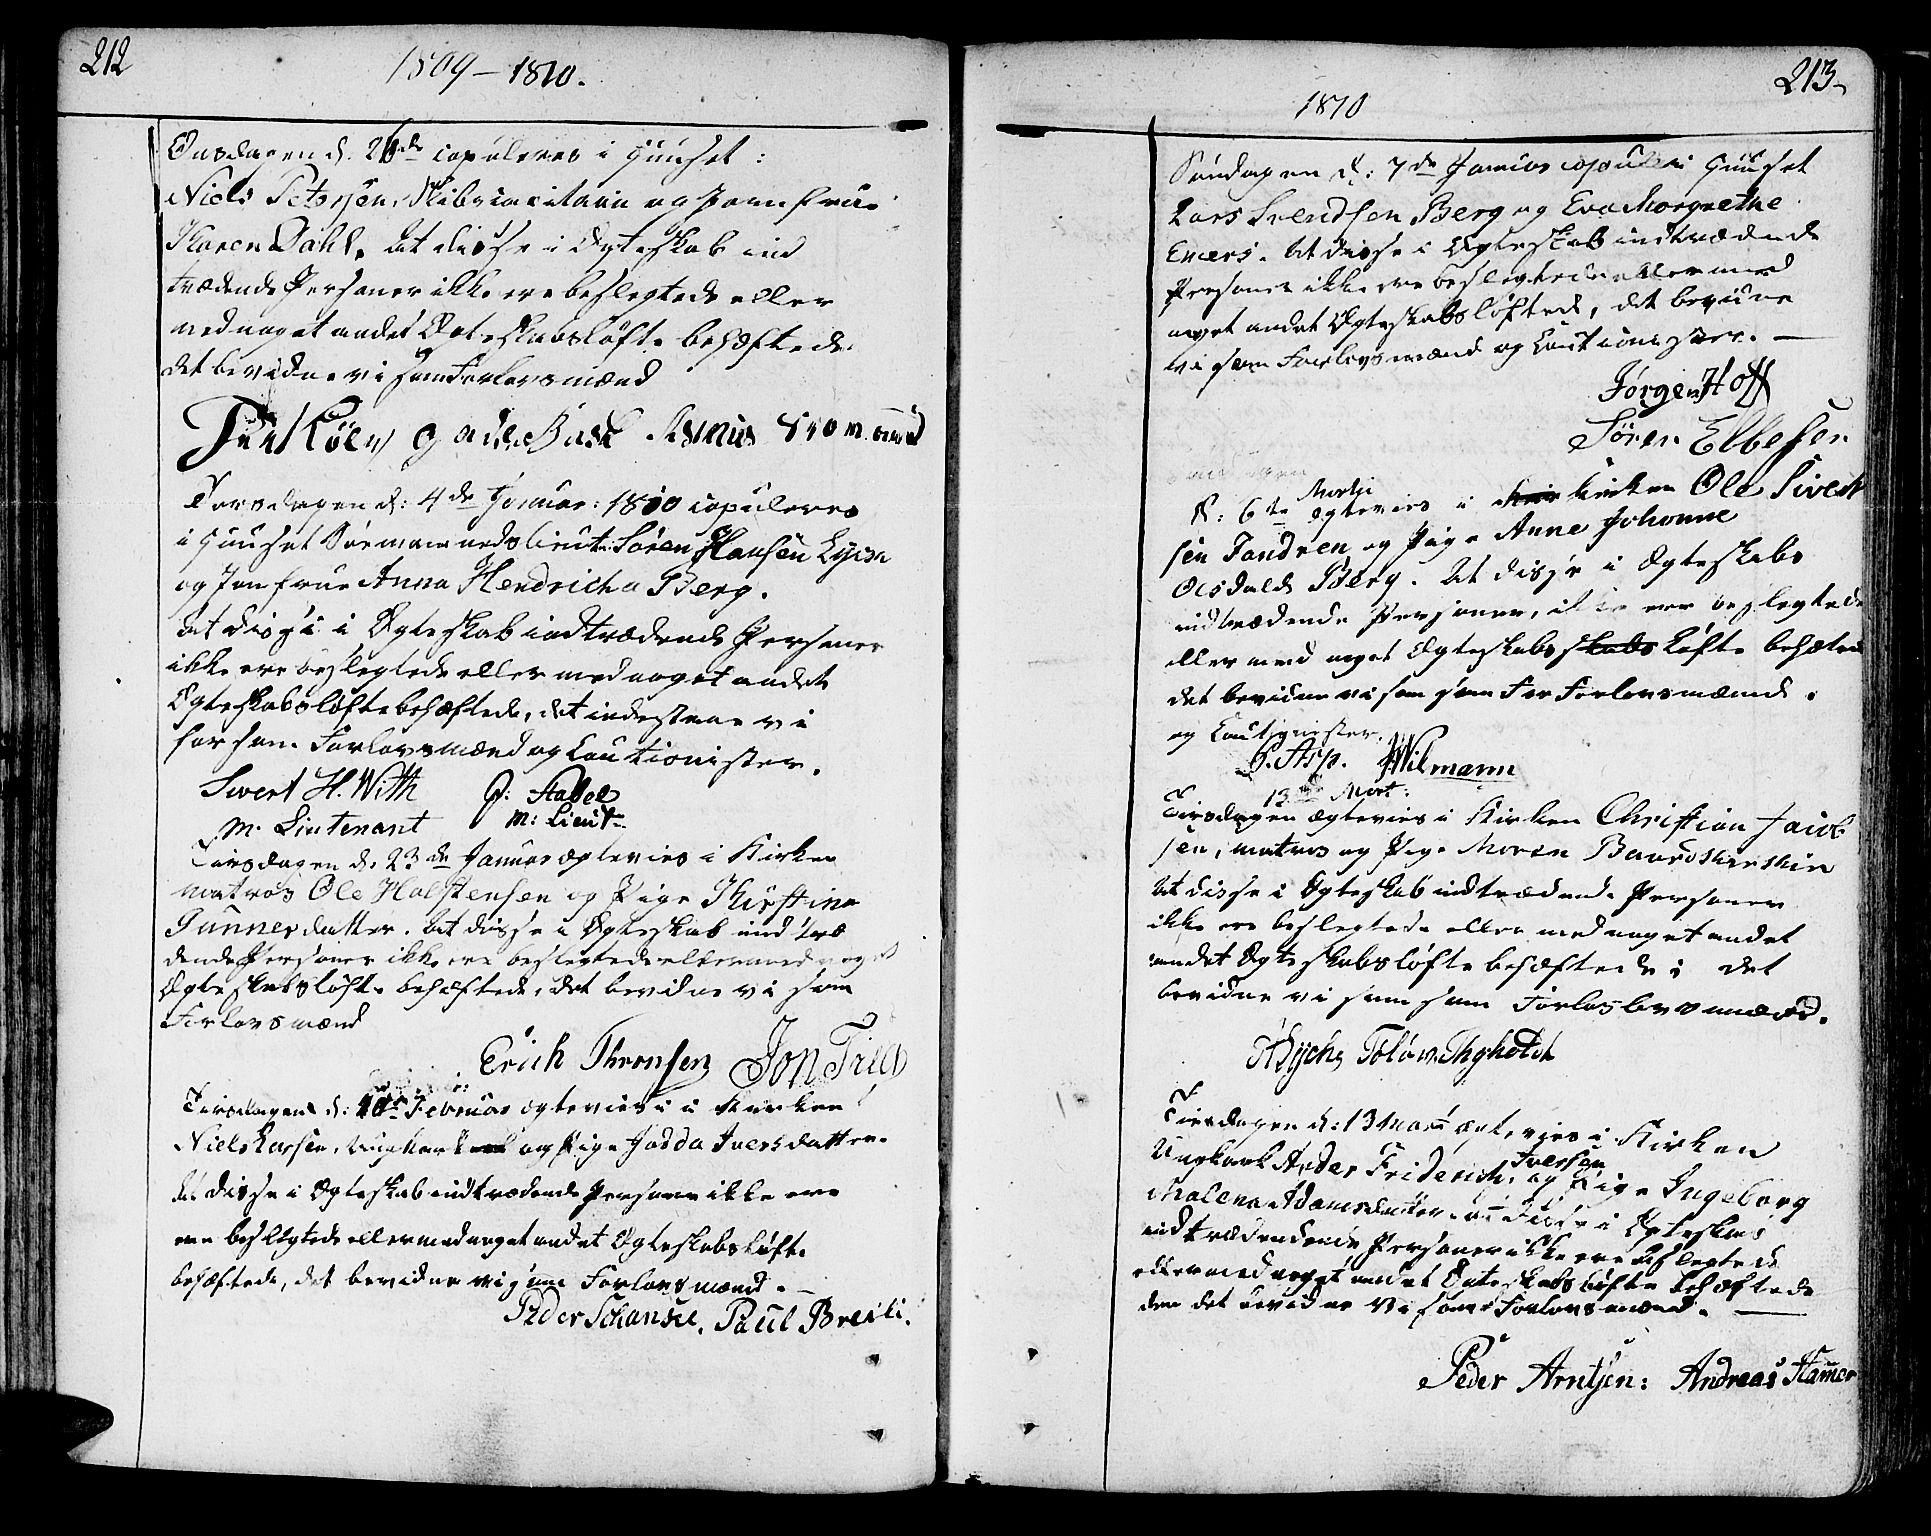 SAT, Ministerialprotokoller, klokkerbøker og fødselsregistre - Sør-Trøndelag, 602/L0105: Ministerialbok nr. 602A03, 1774-1814, s. 212-213